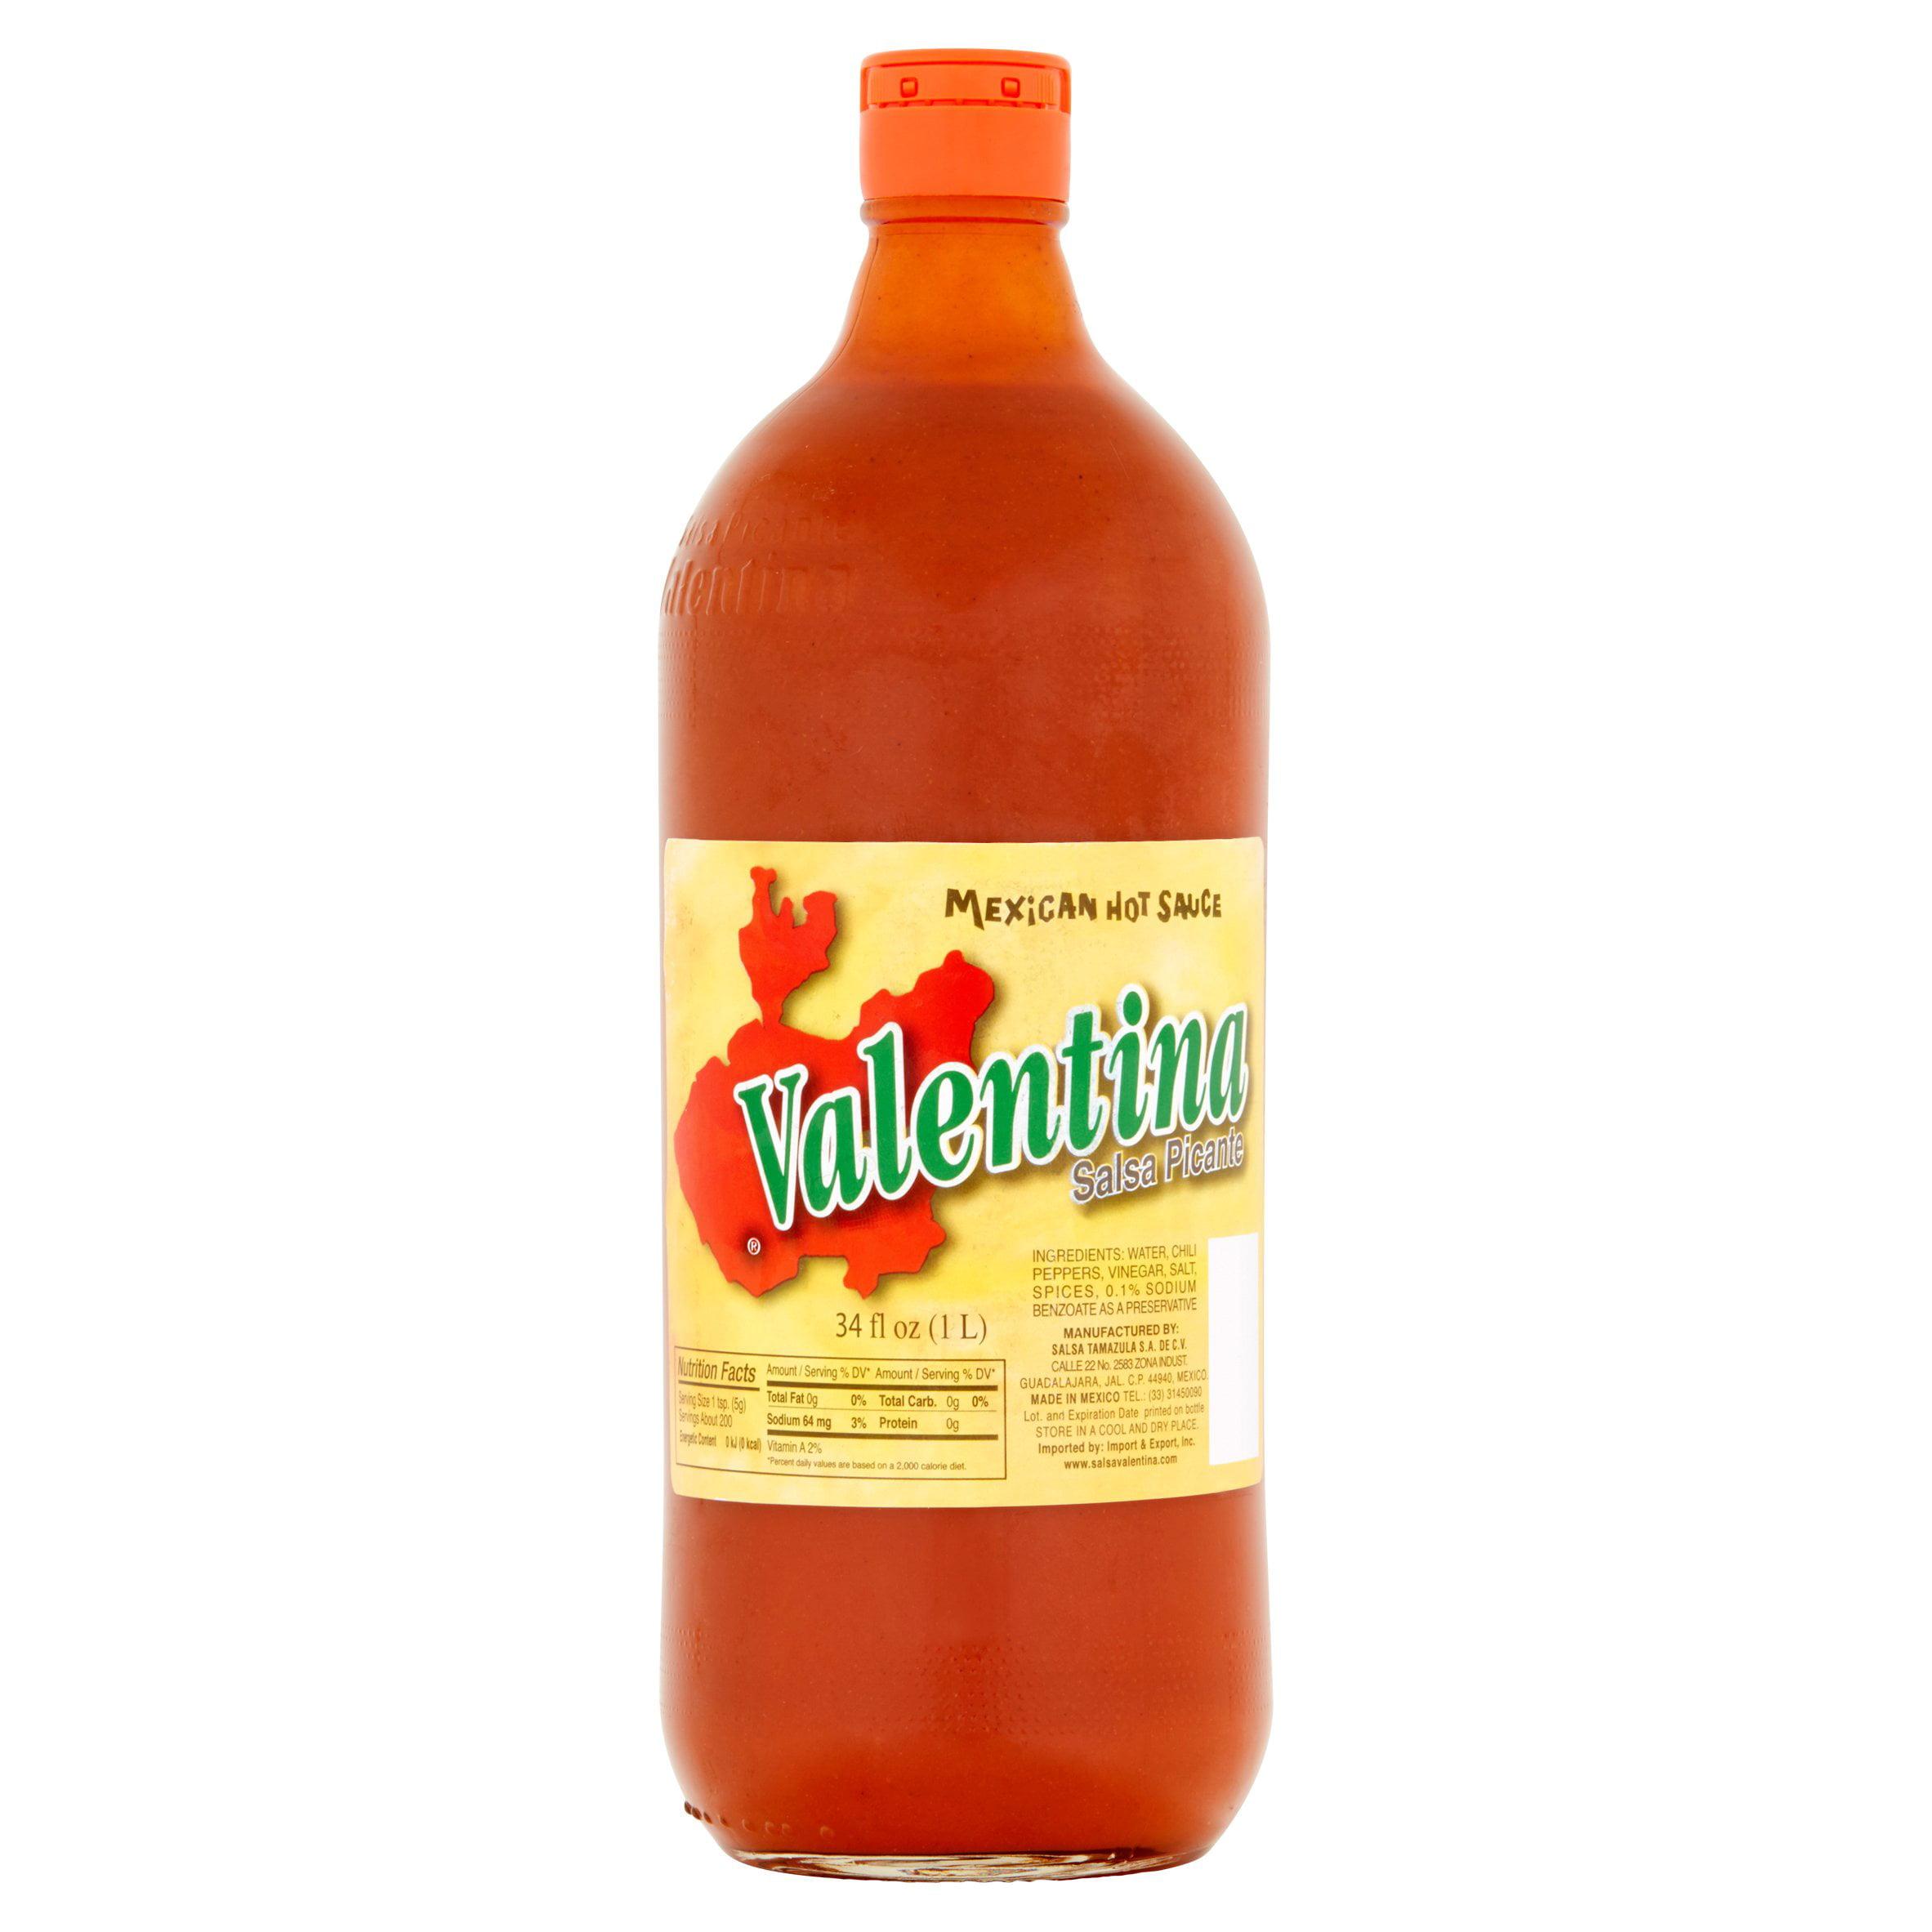 Valentina Mexican Hot Sauce, 34 fl oz